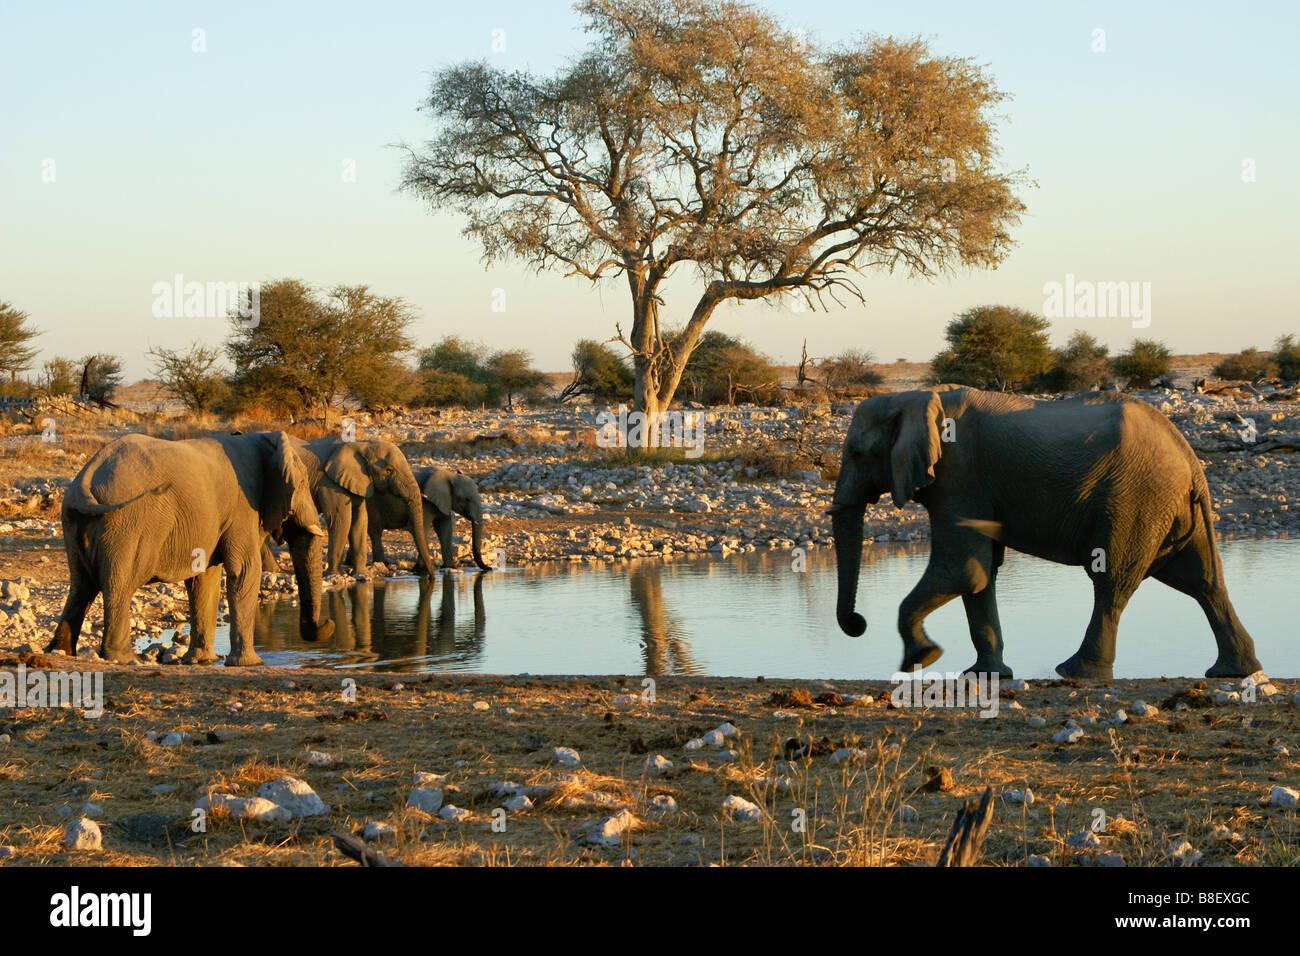 Elephants at waterhole, Okaukuejo, Etosha National Park, Namibia - Stock Image